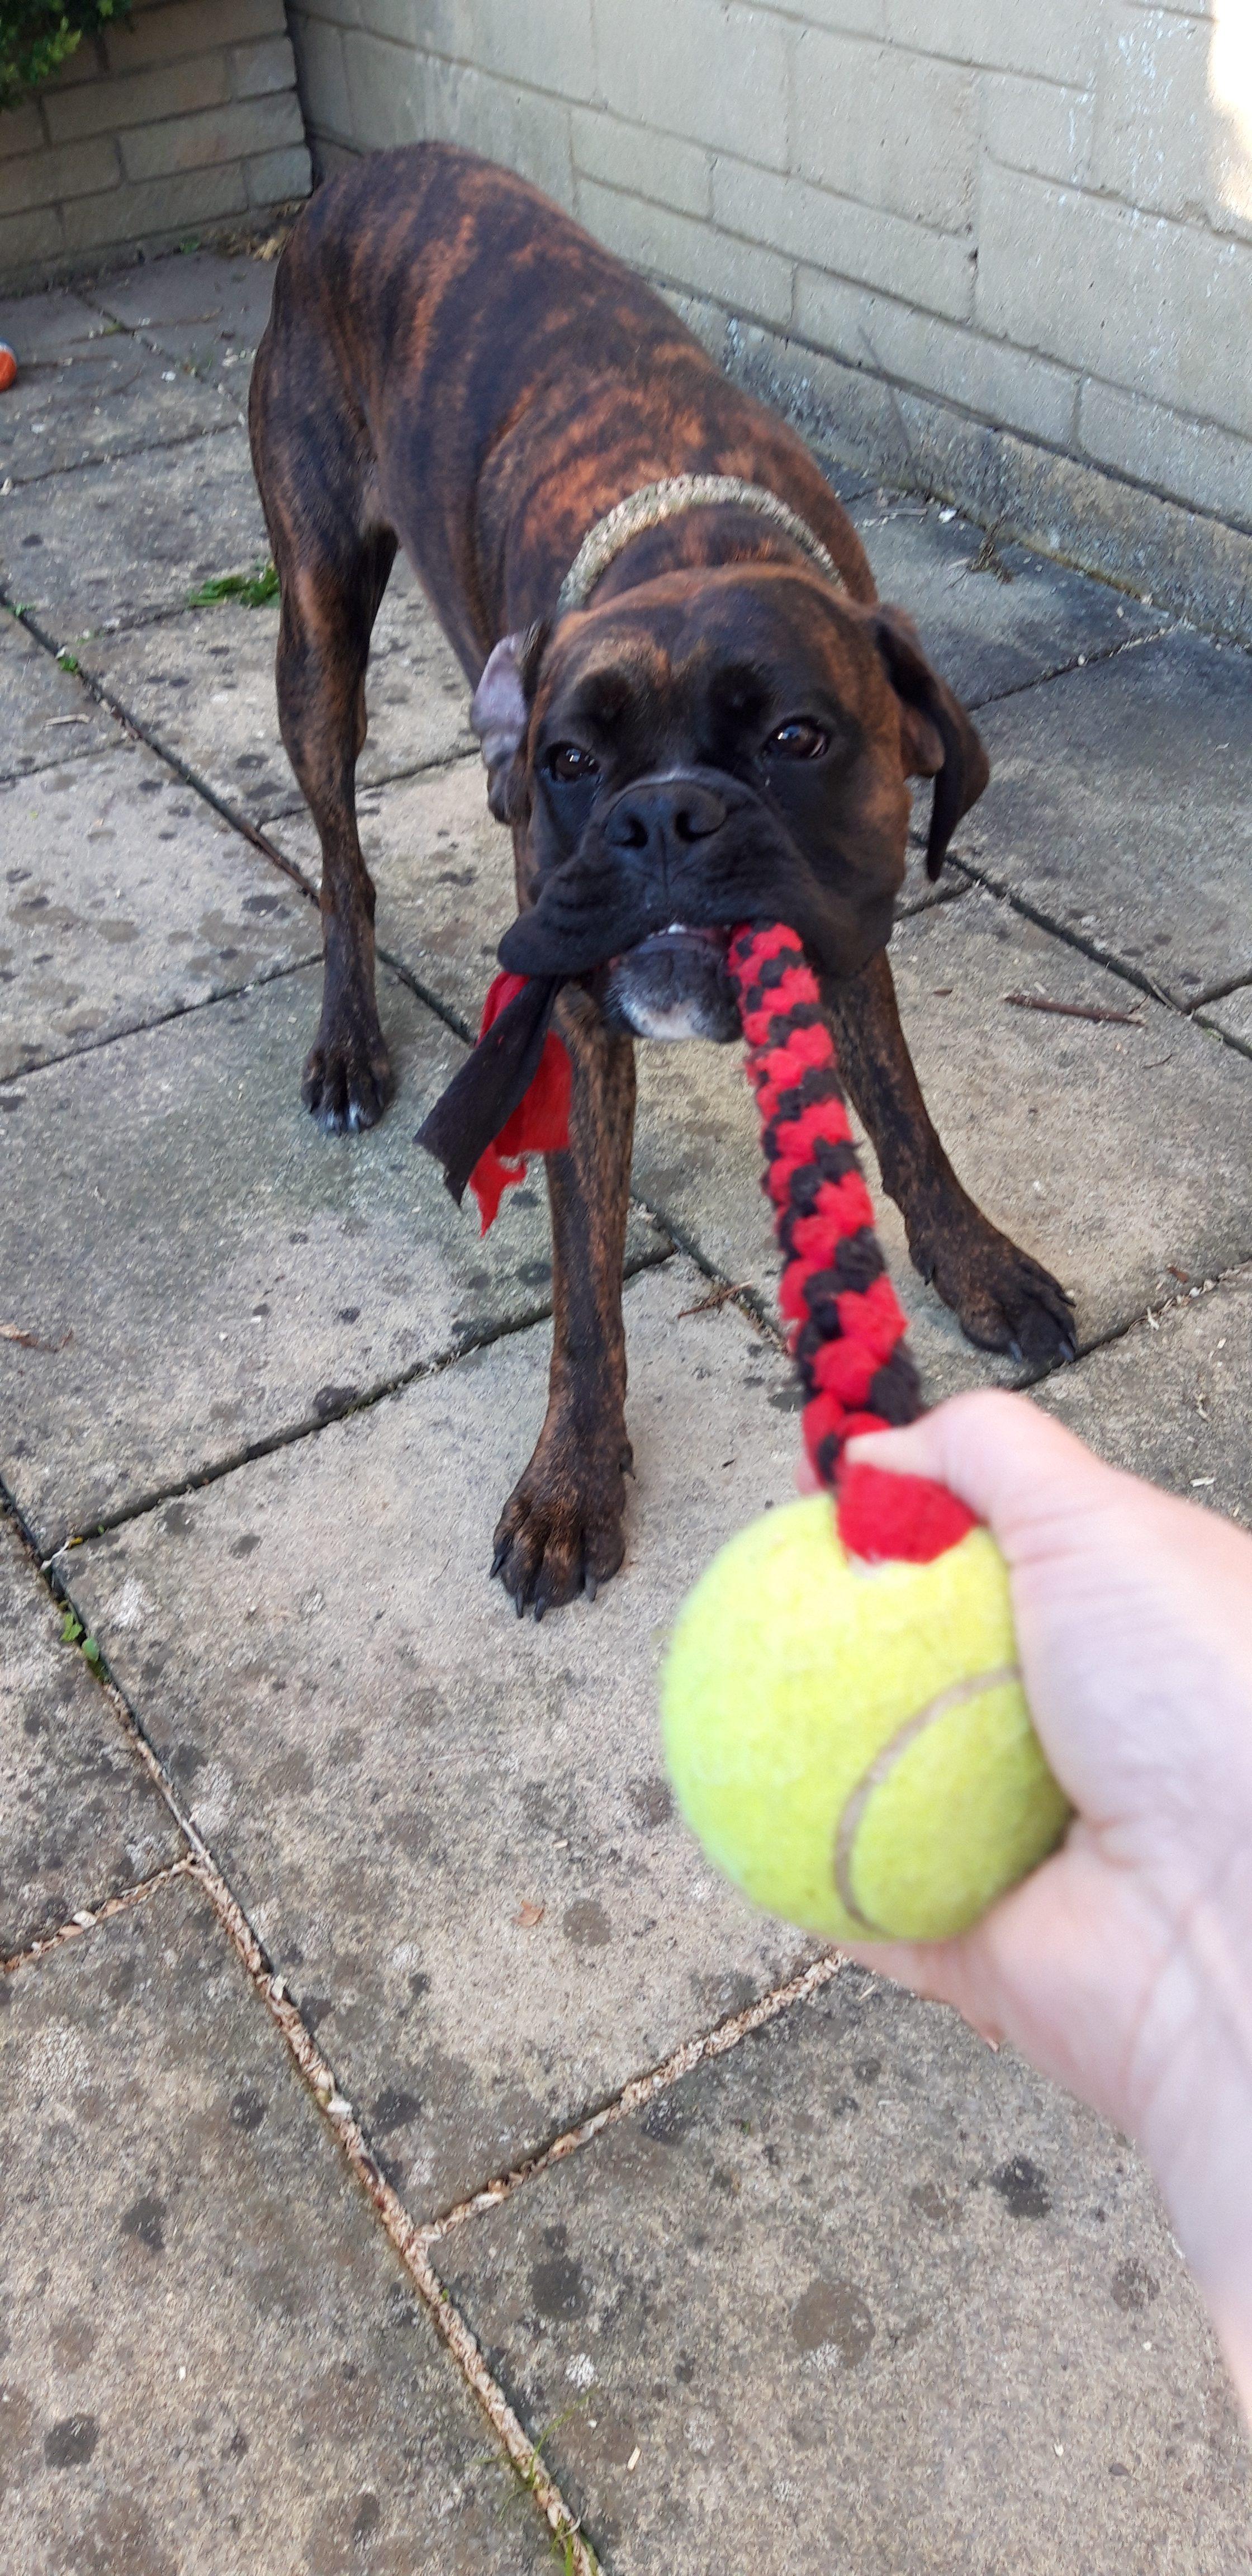 fleece dog tug toy